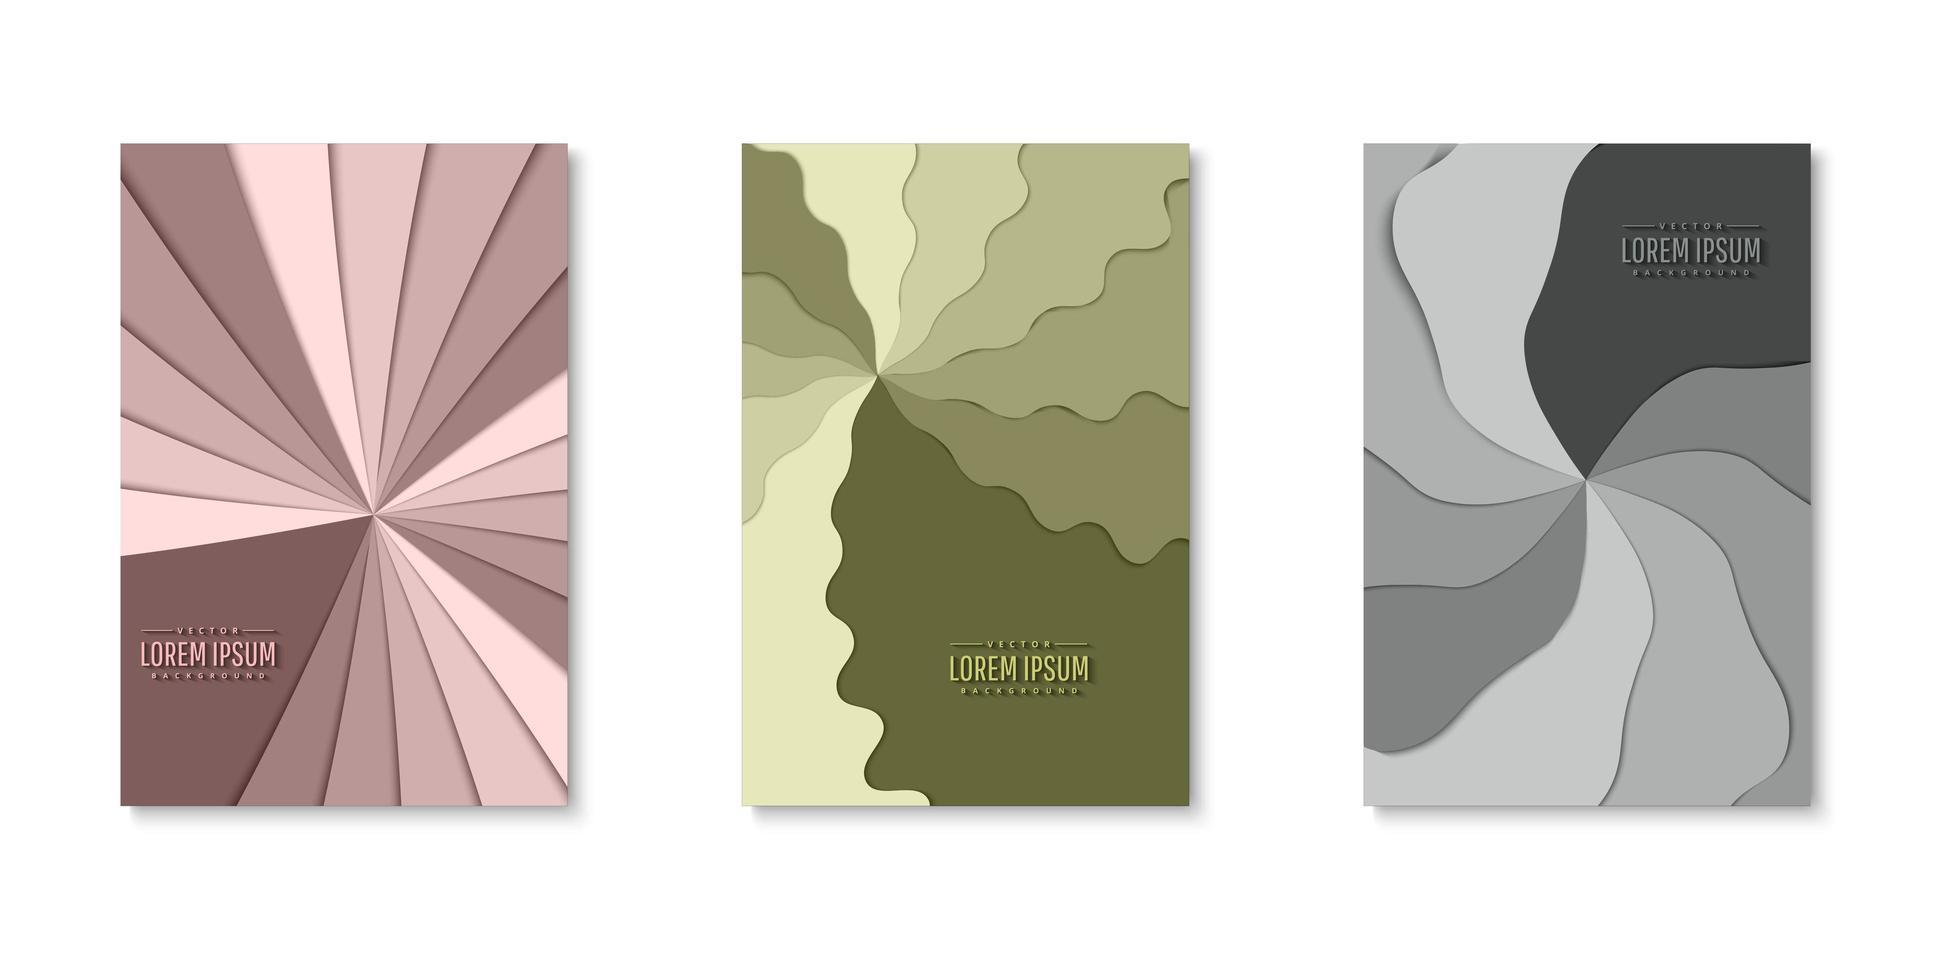 conjunto de capas de molinete cubiertas de papel cortado vector